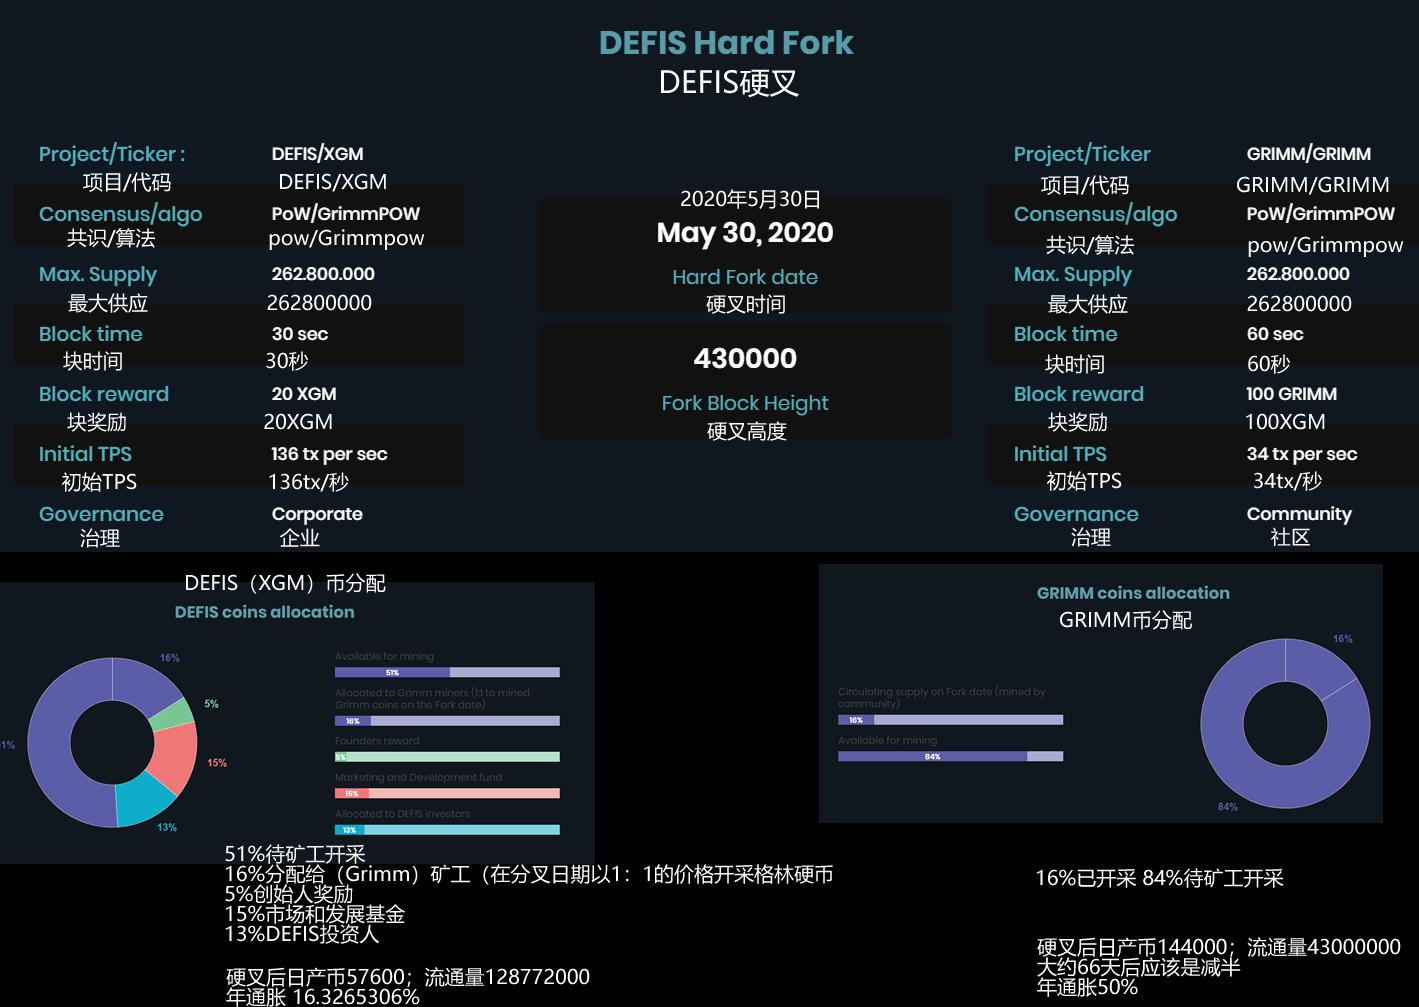 GRIMM/XGM 5月30日硬叉常见问题及DEFIS是什么?